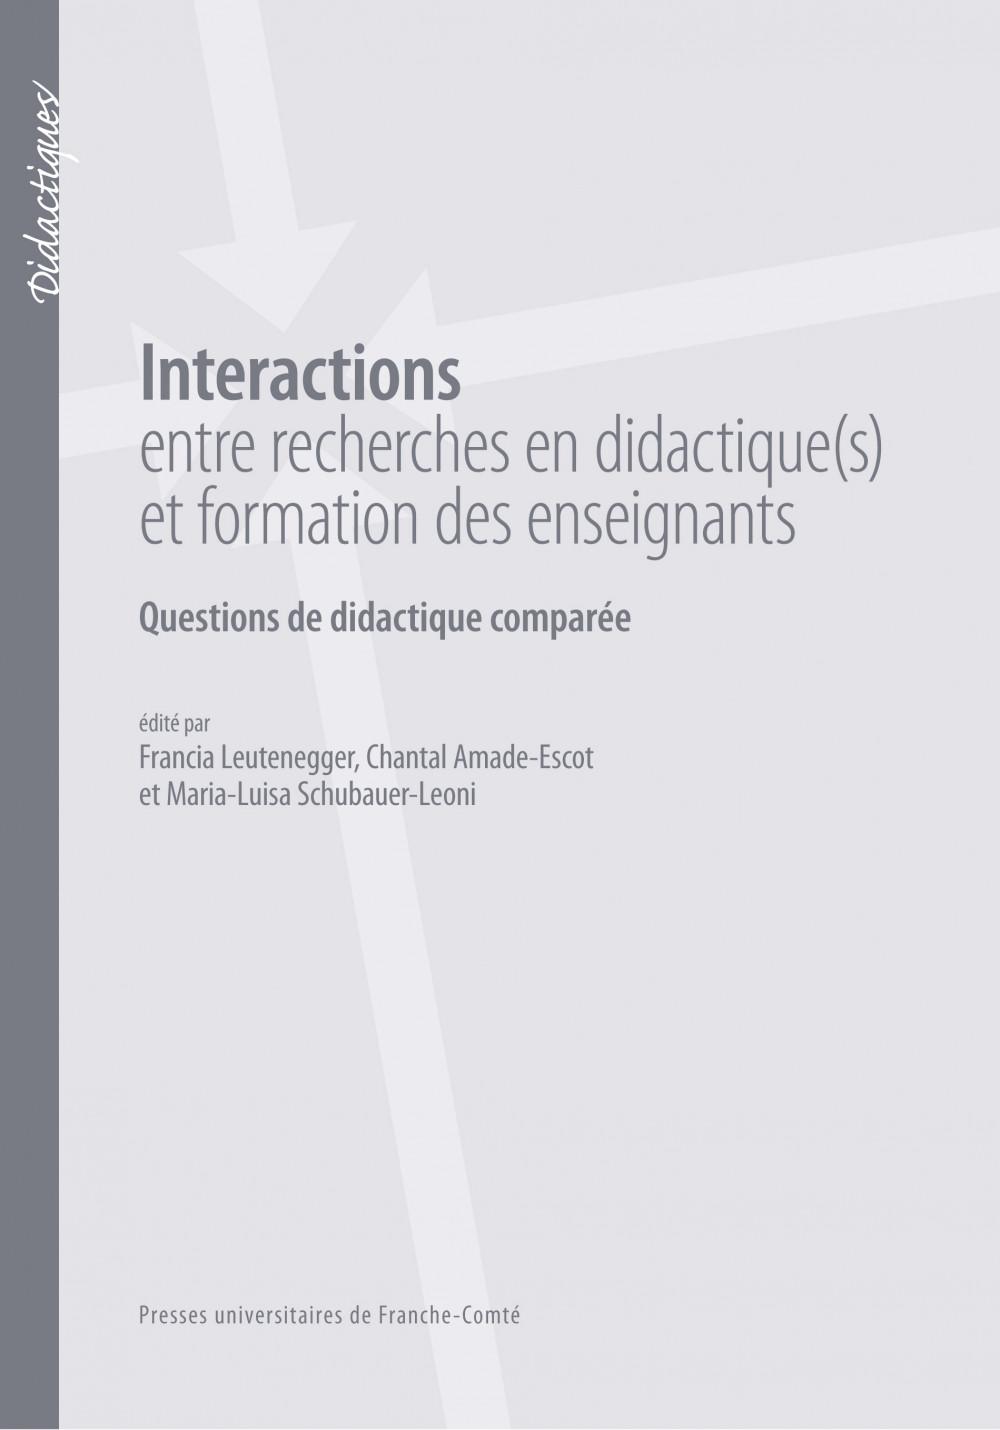 Interactions entre recherches en didactiques et formation des enseignants